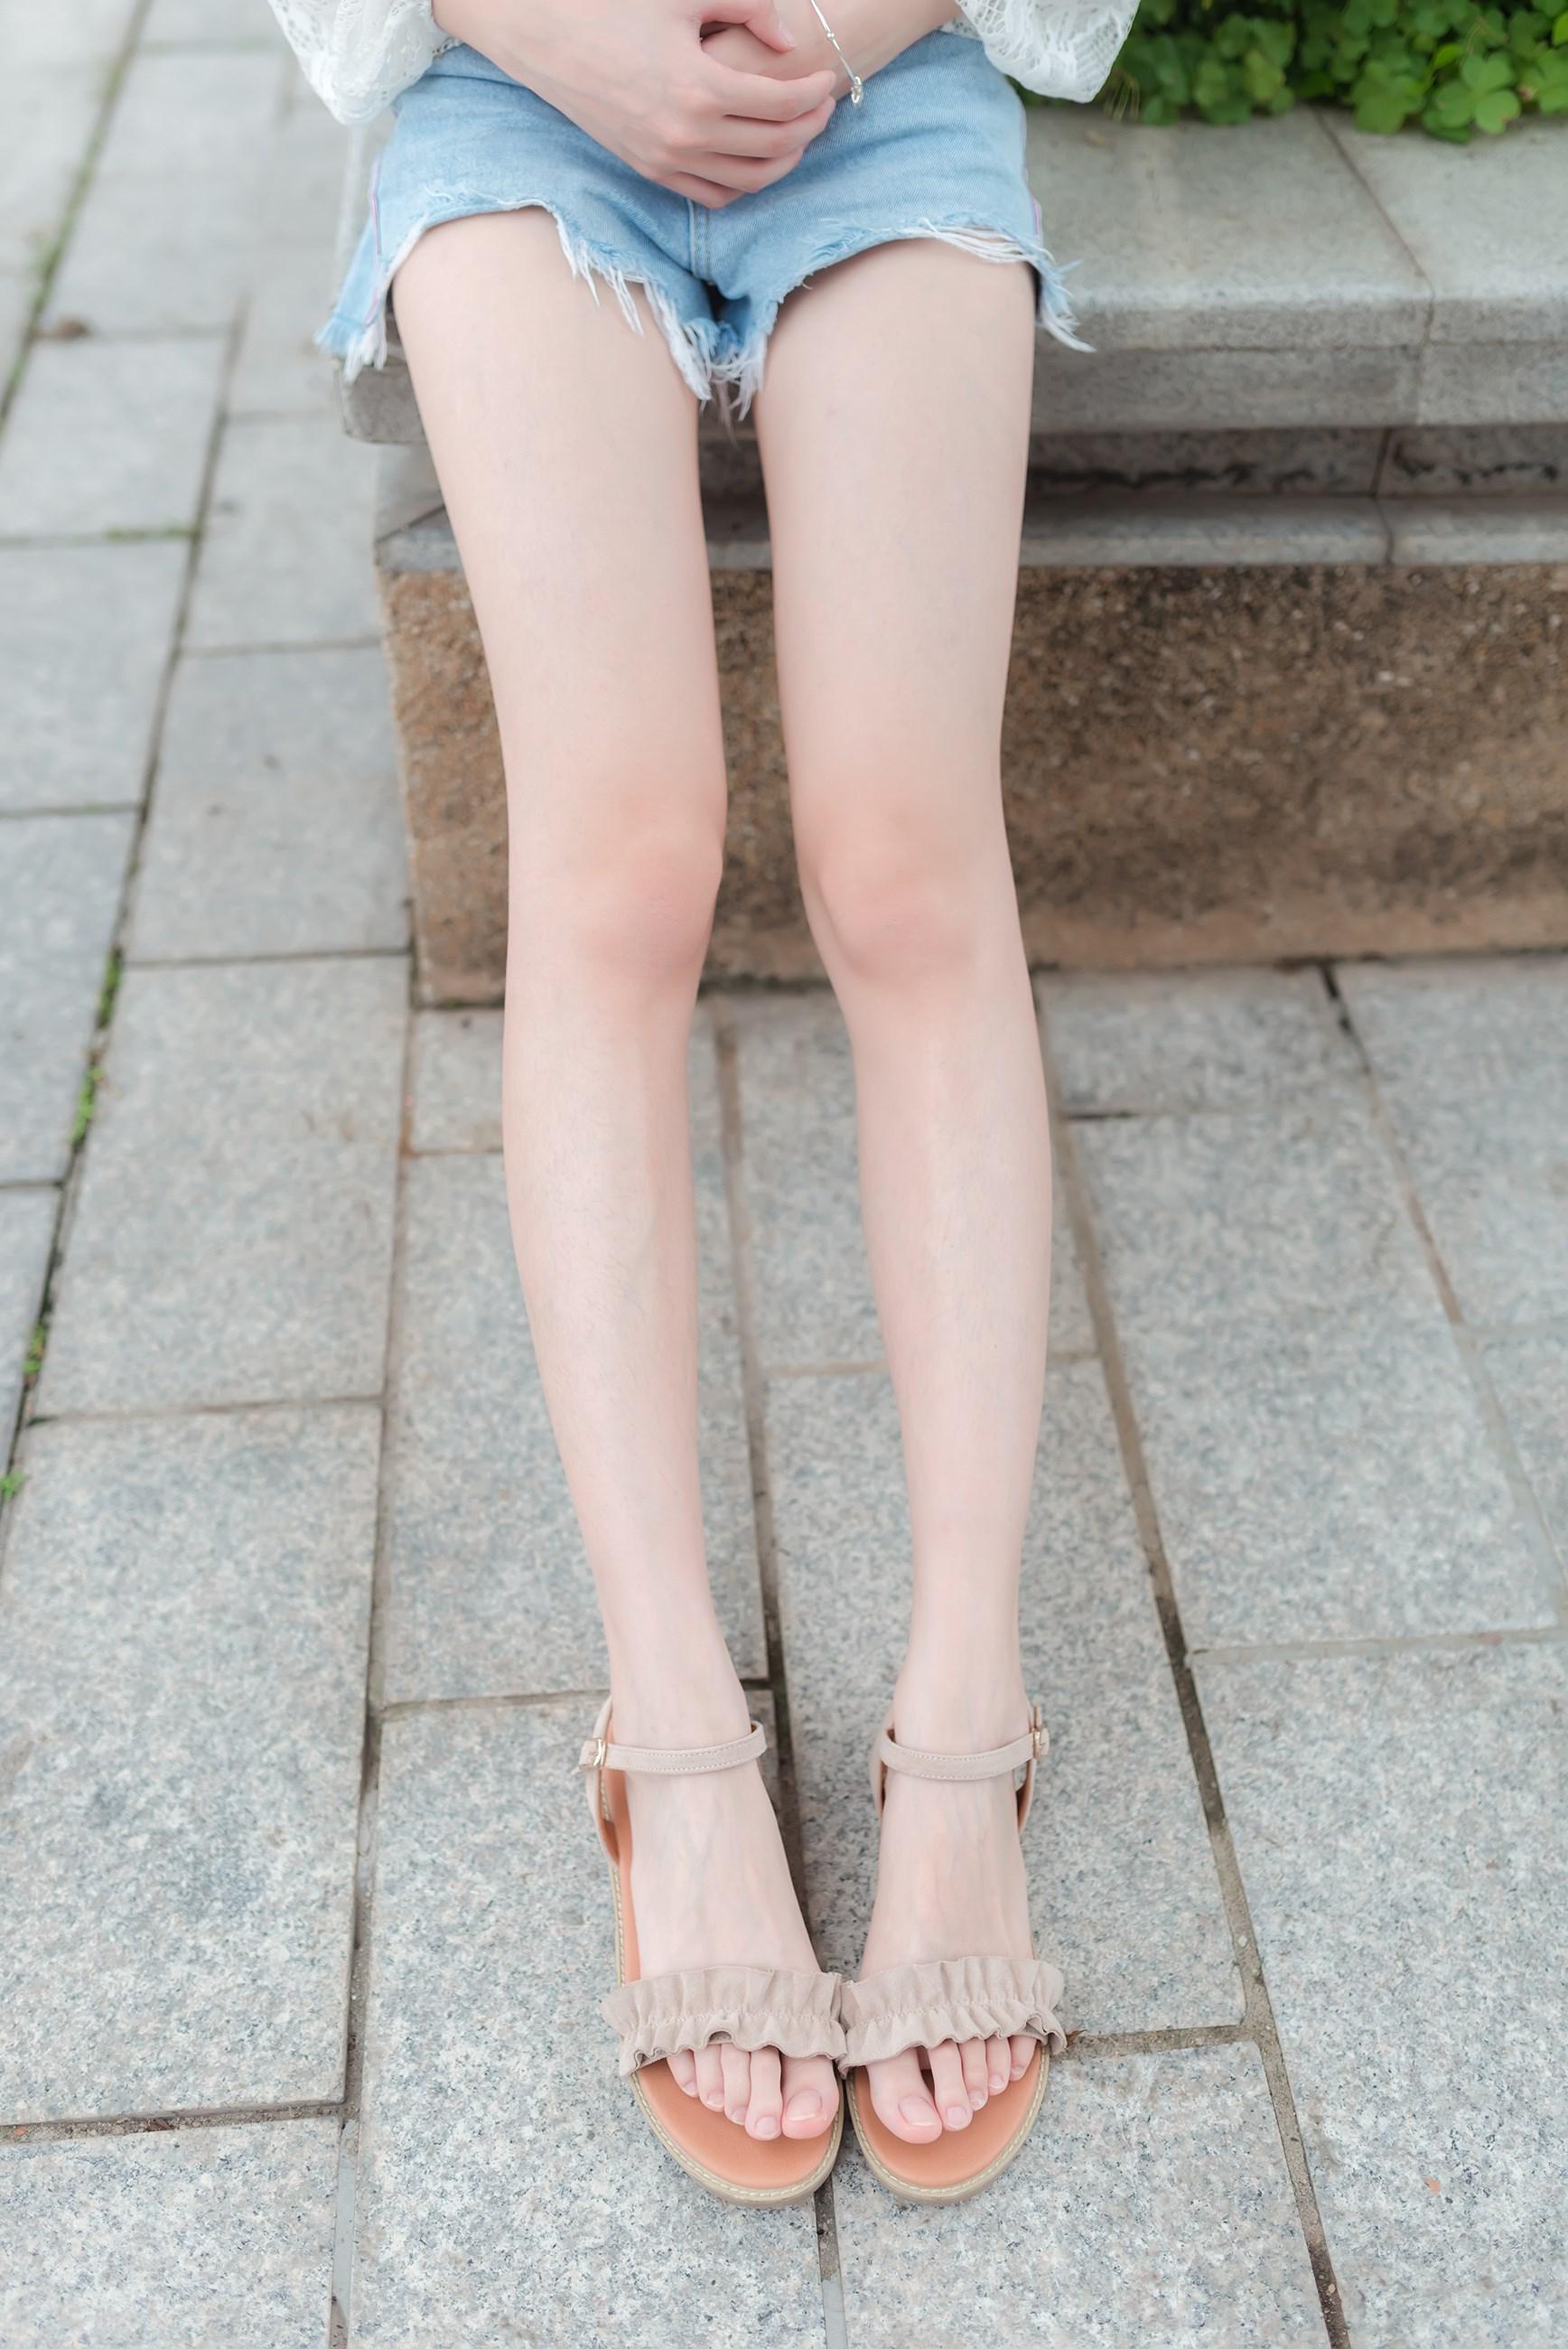 【兔玩映画】果腿福利 兔玩映画 第3张